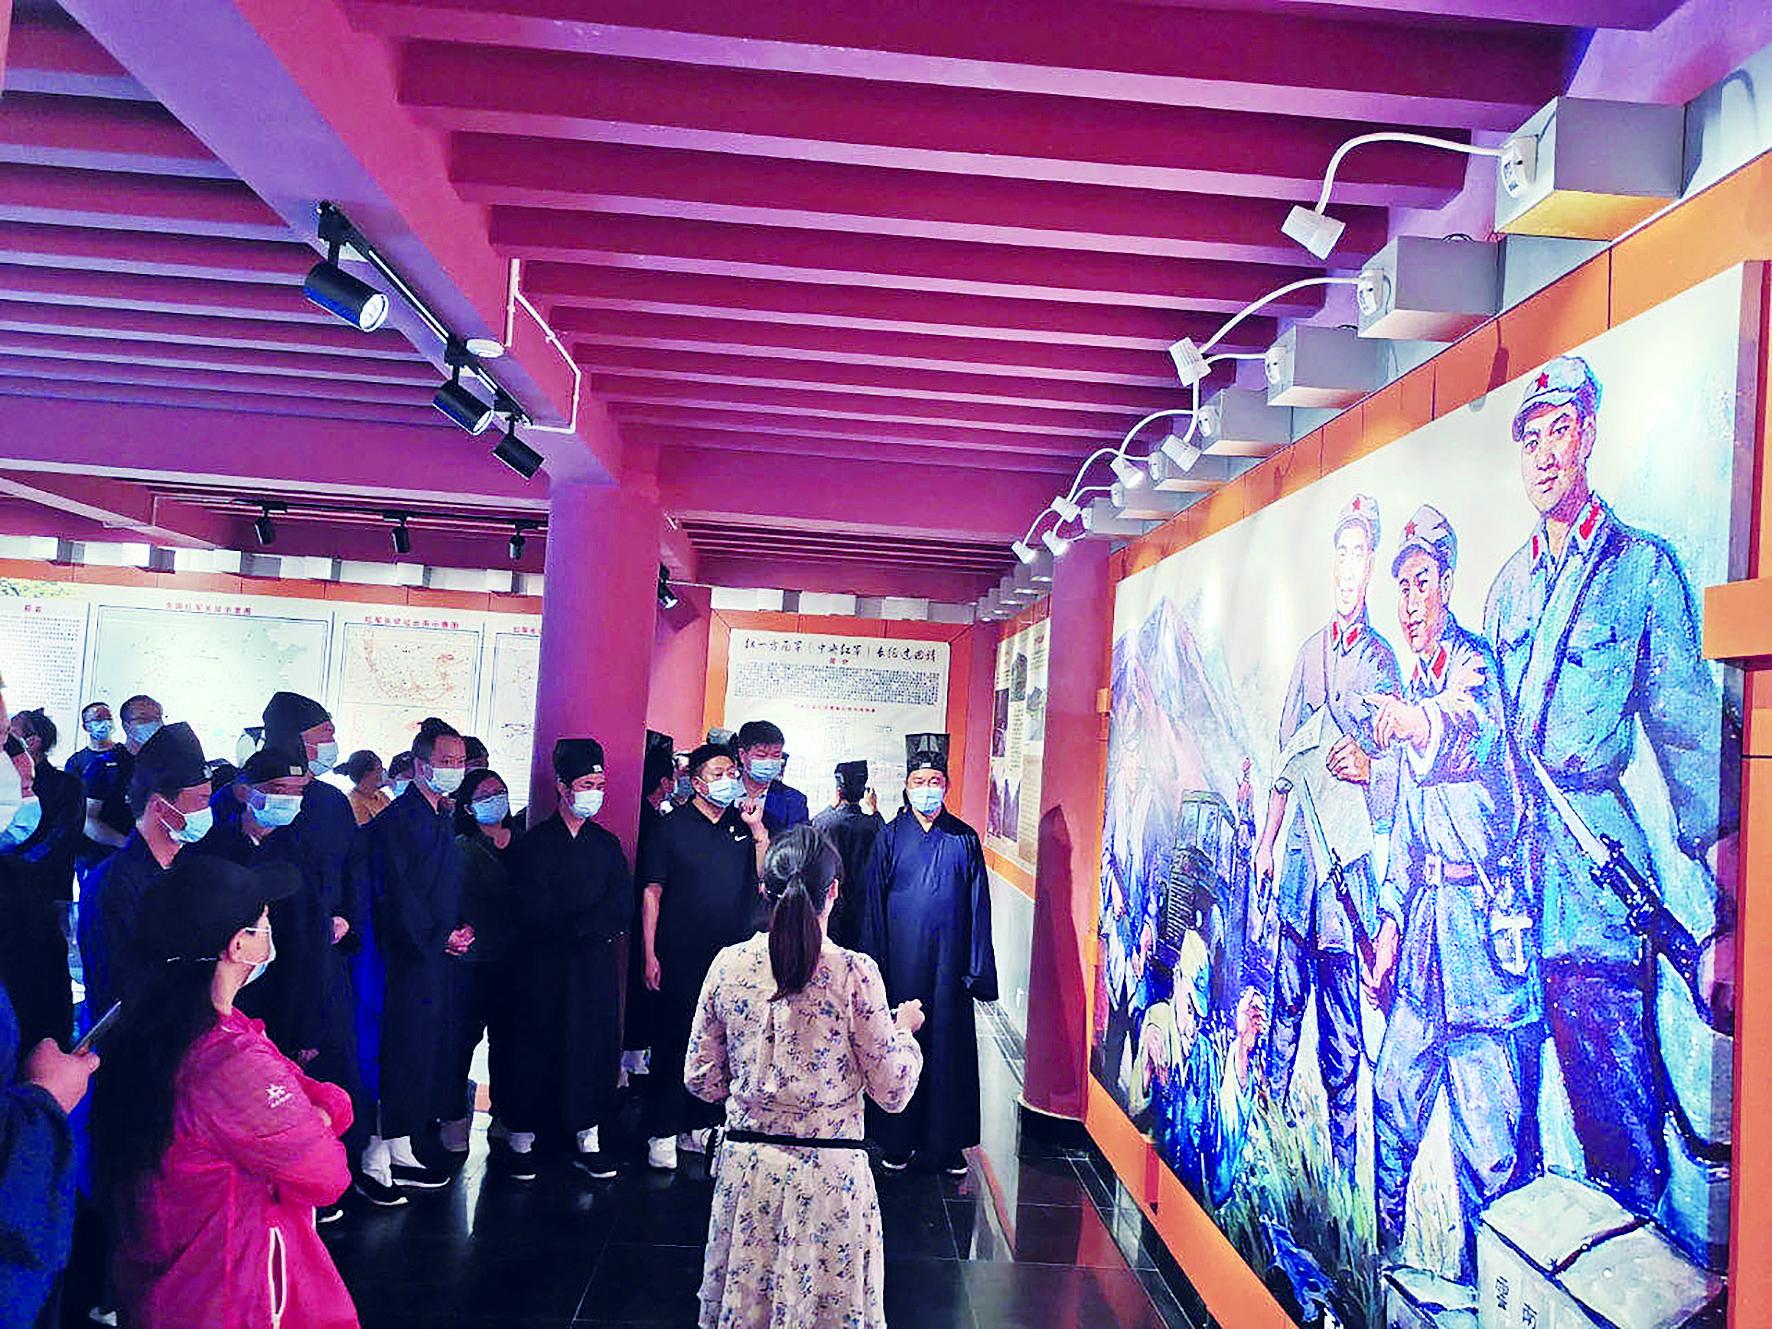 云南省道协组织开展爱国主义教育活动